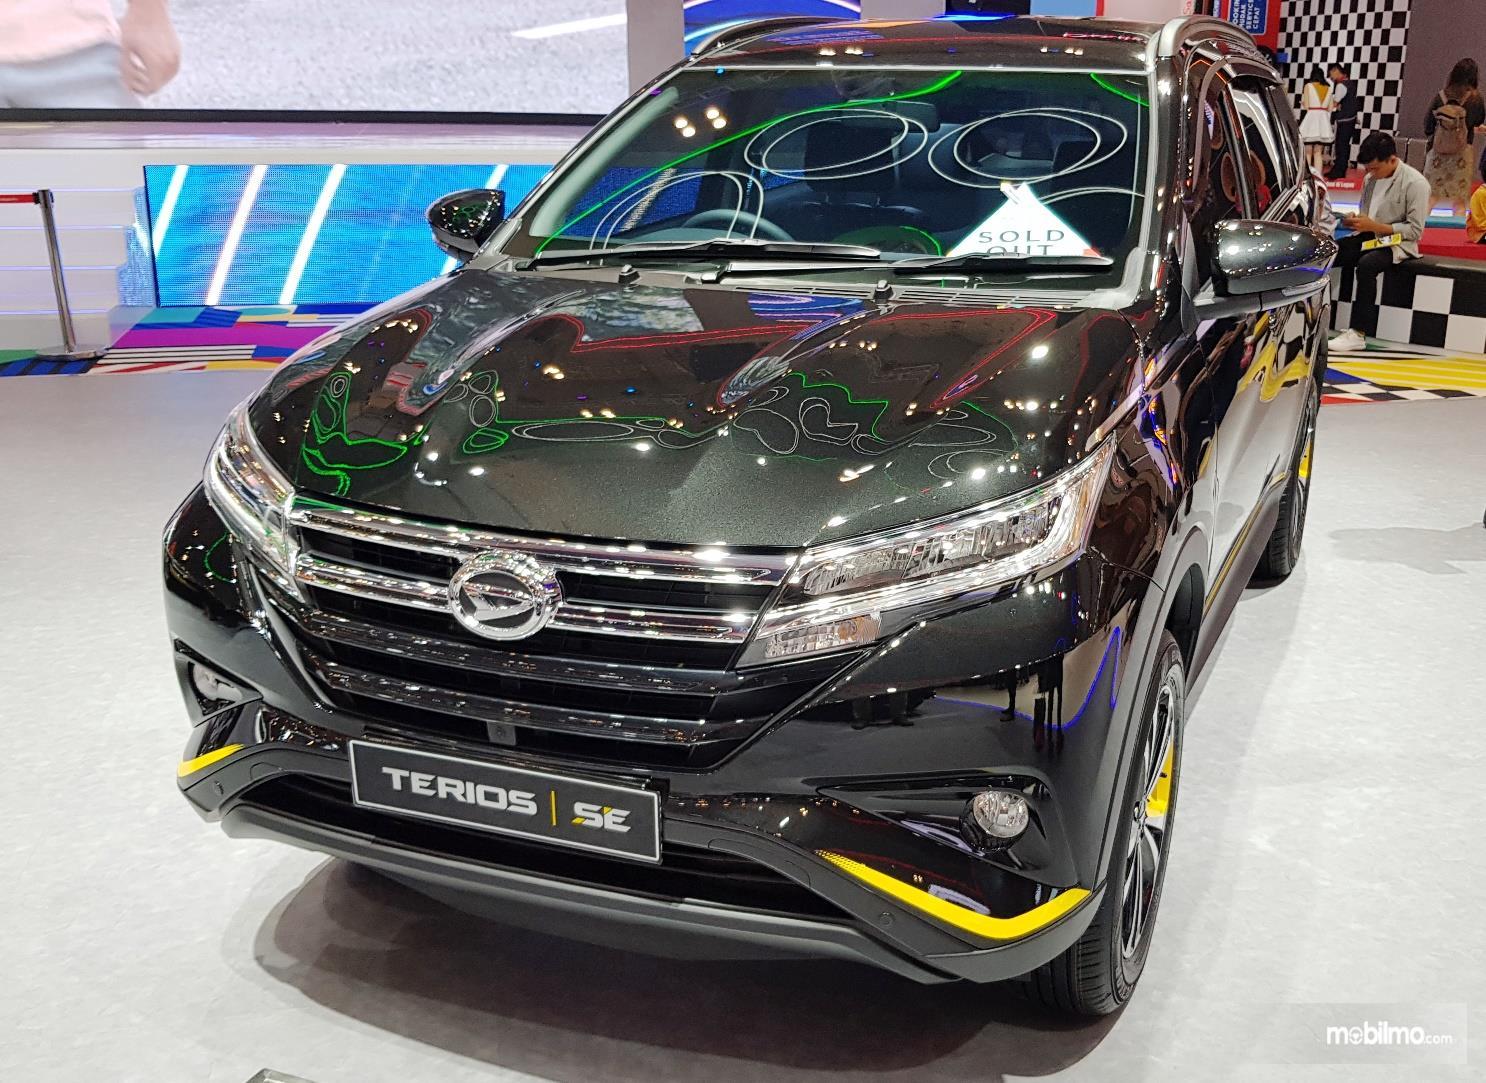 Tampak tampilan depan Daihatsu Terios SE A/T 2019 berwarna hitam